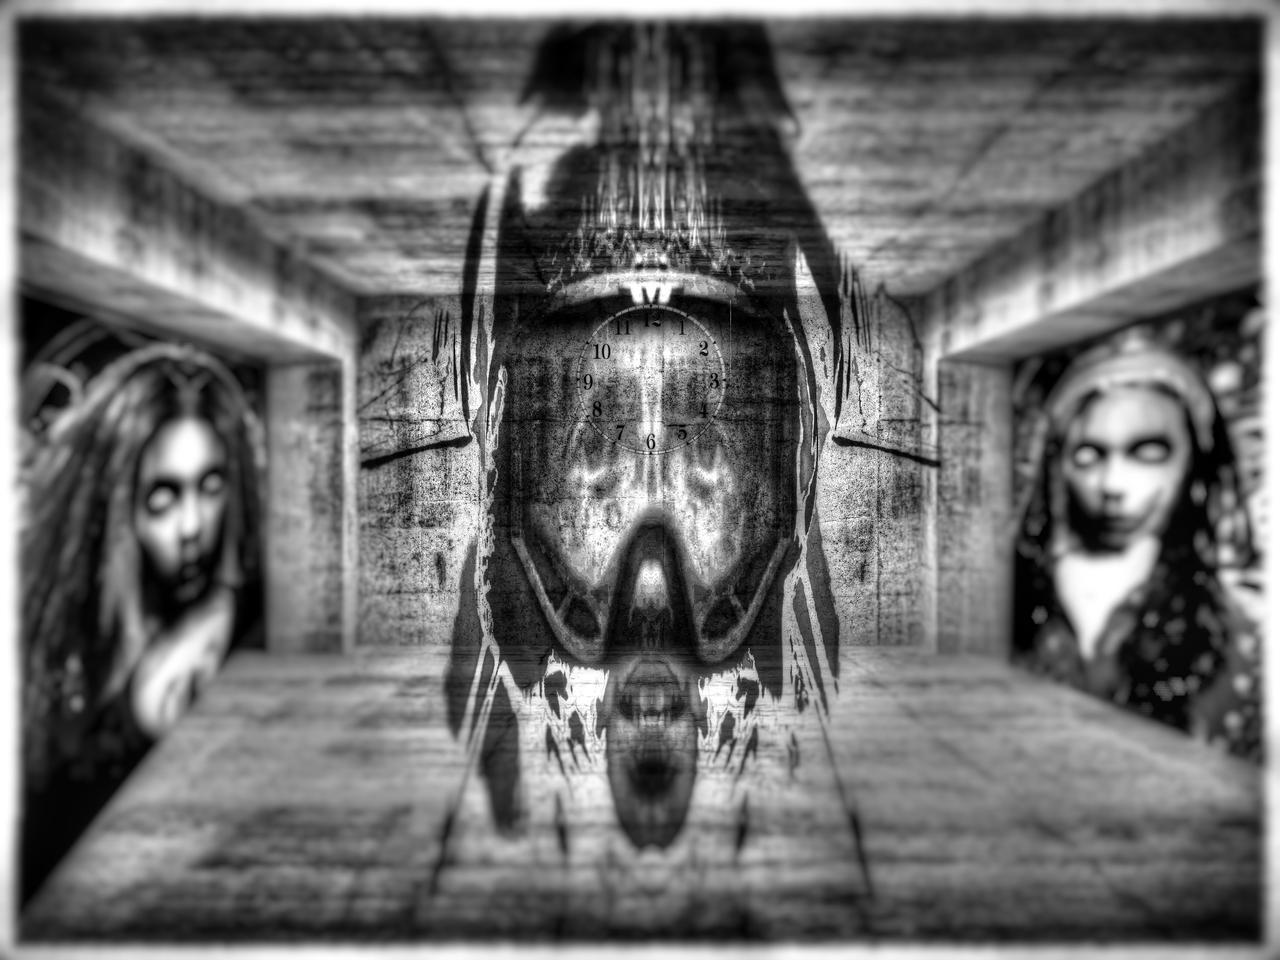 Underground by mikestevenson1955